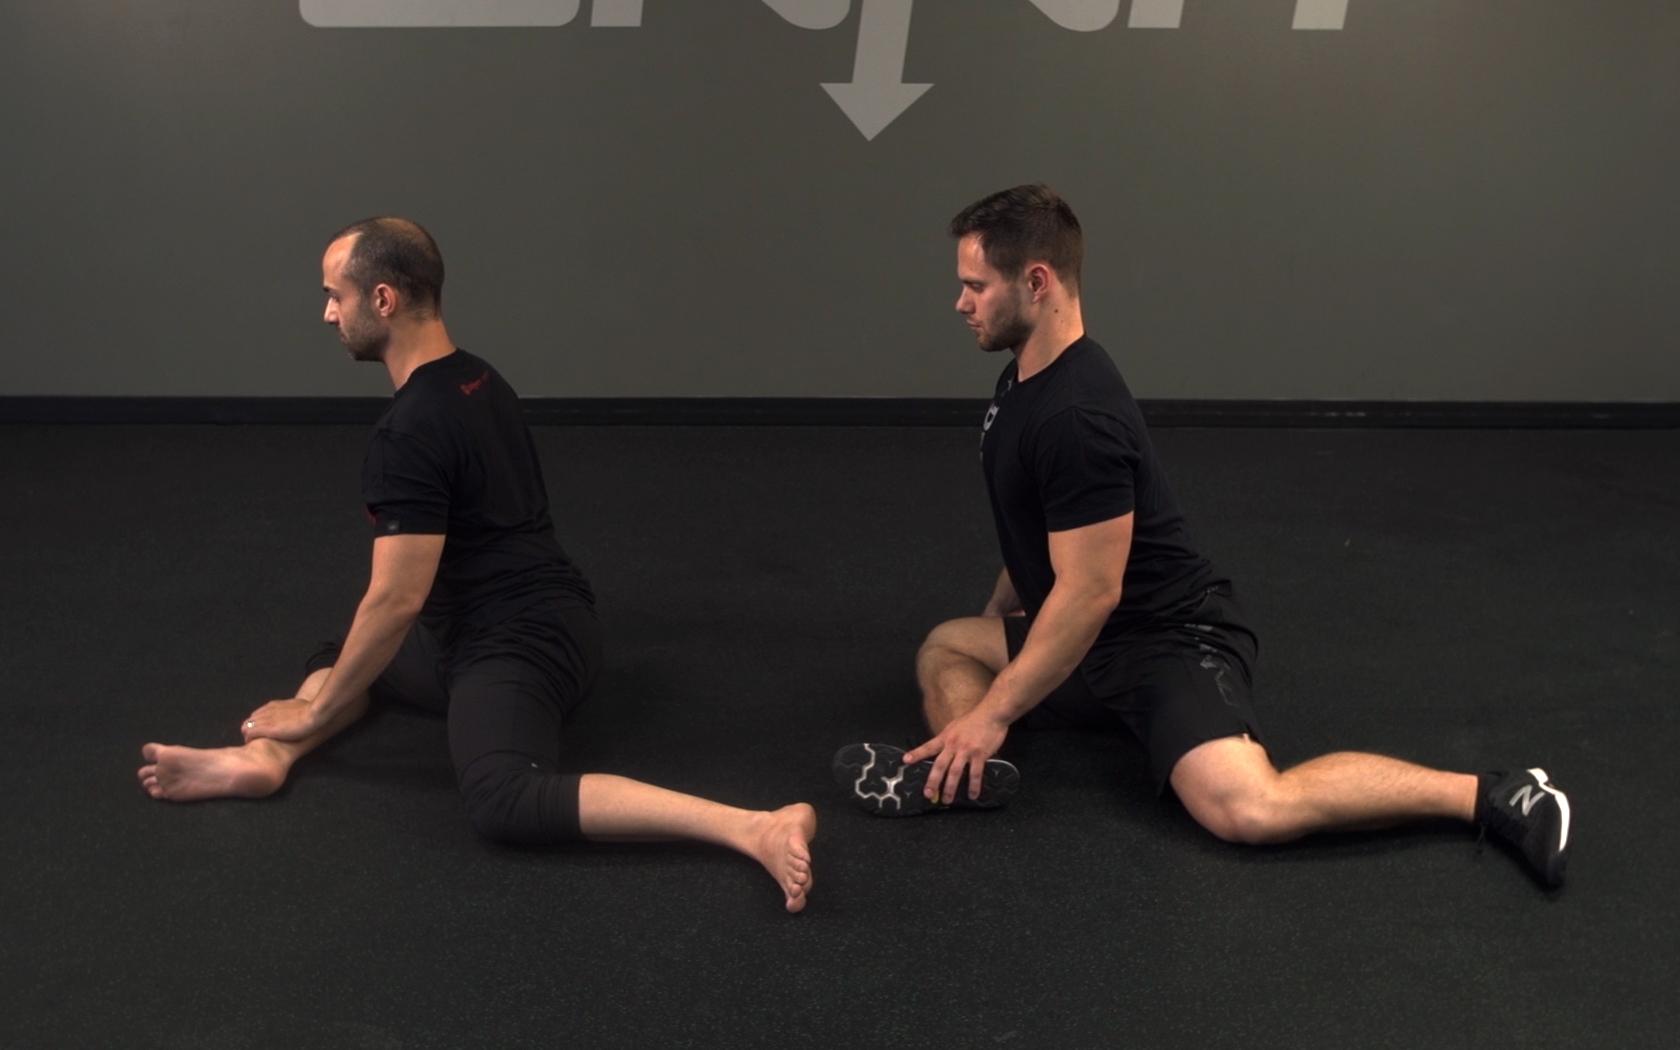 股関節の筋肉を効果的にストレッチして腰痛を悪化させない方法